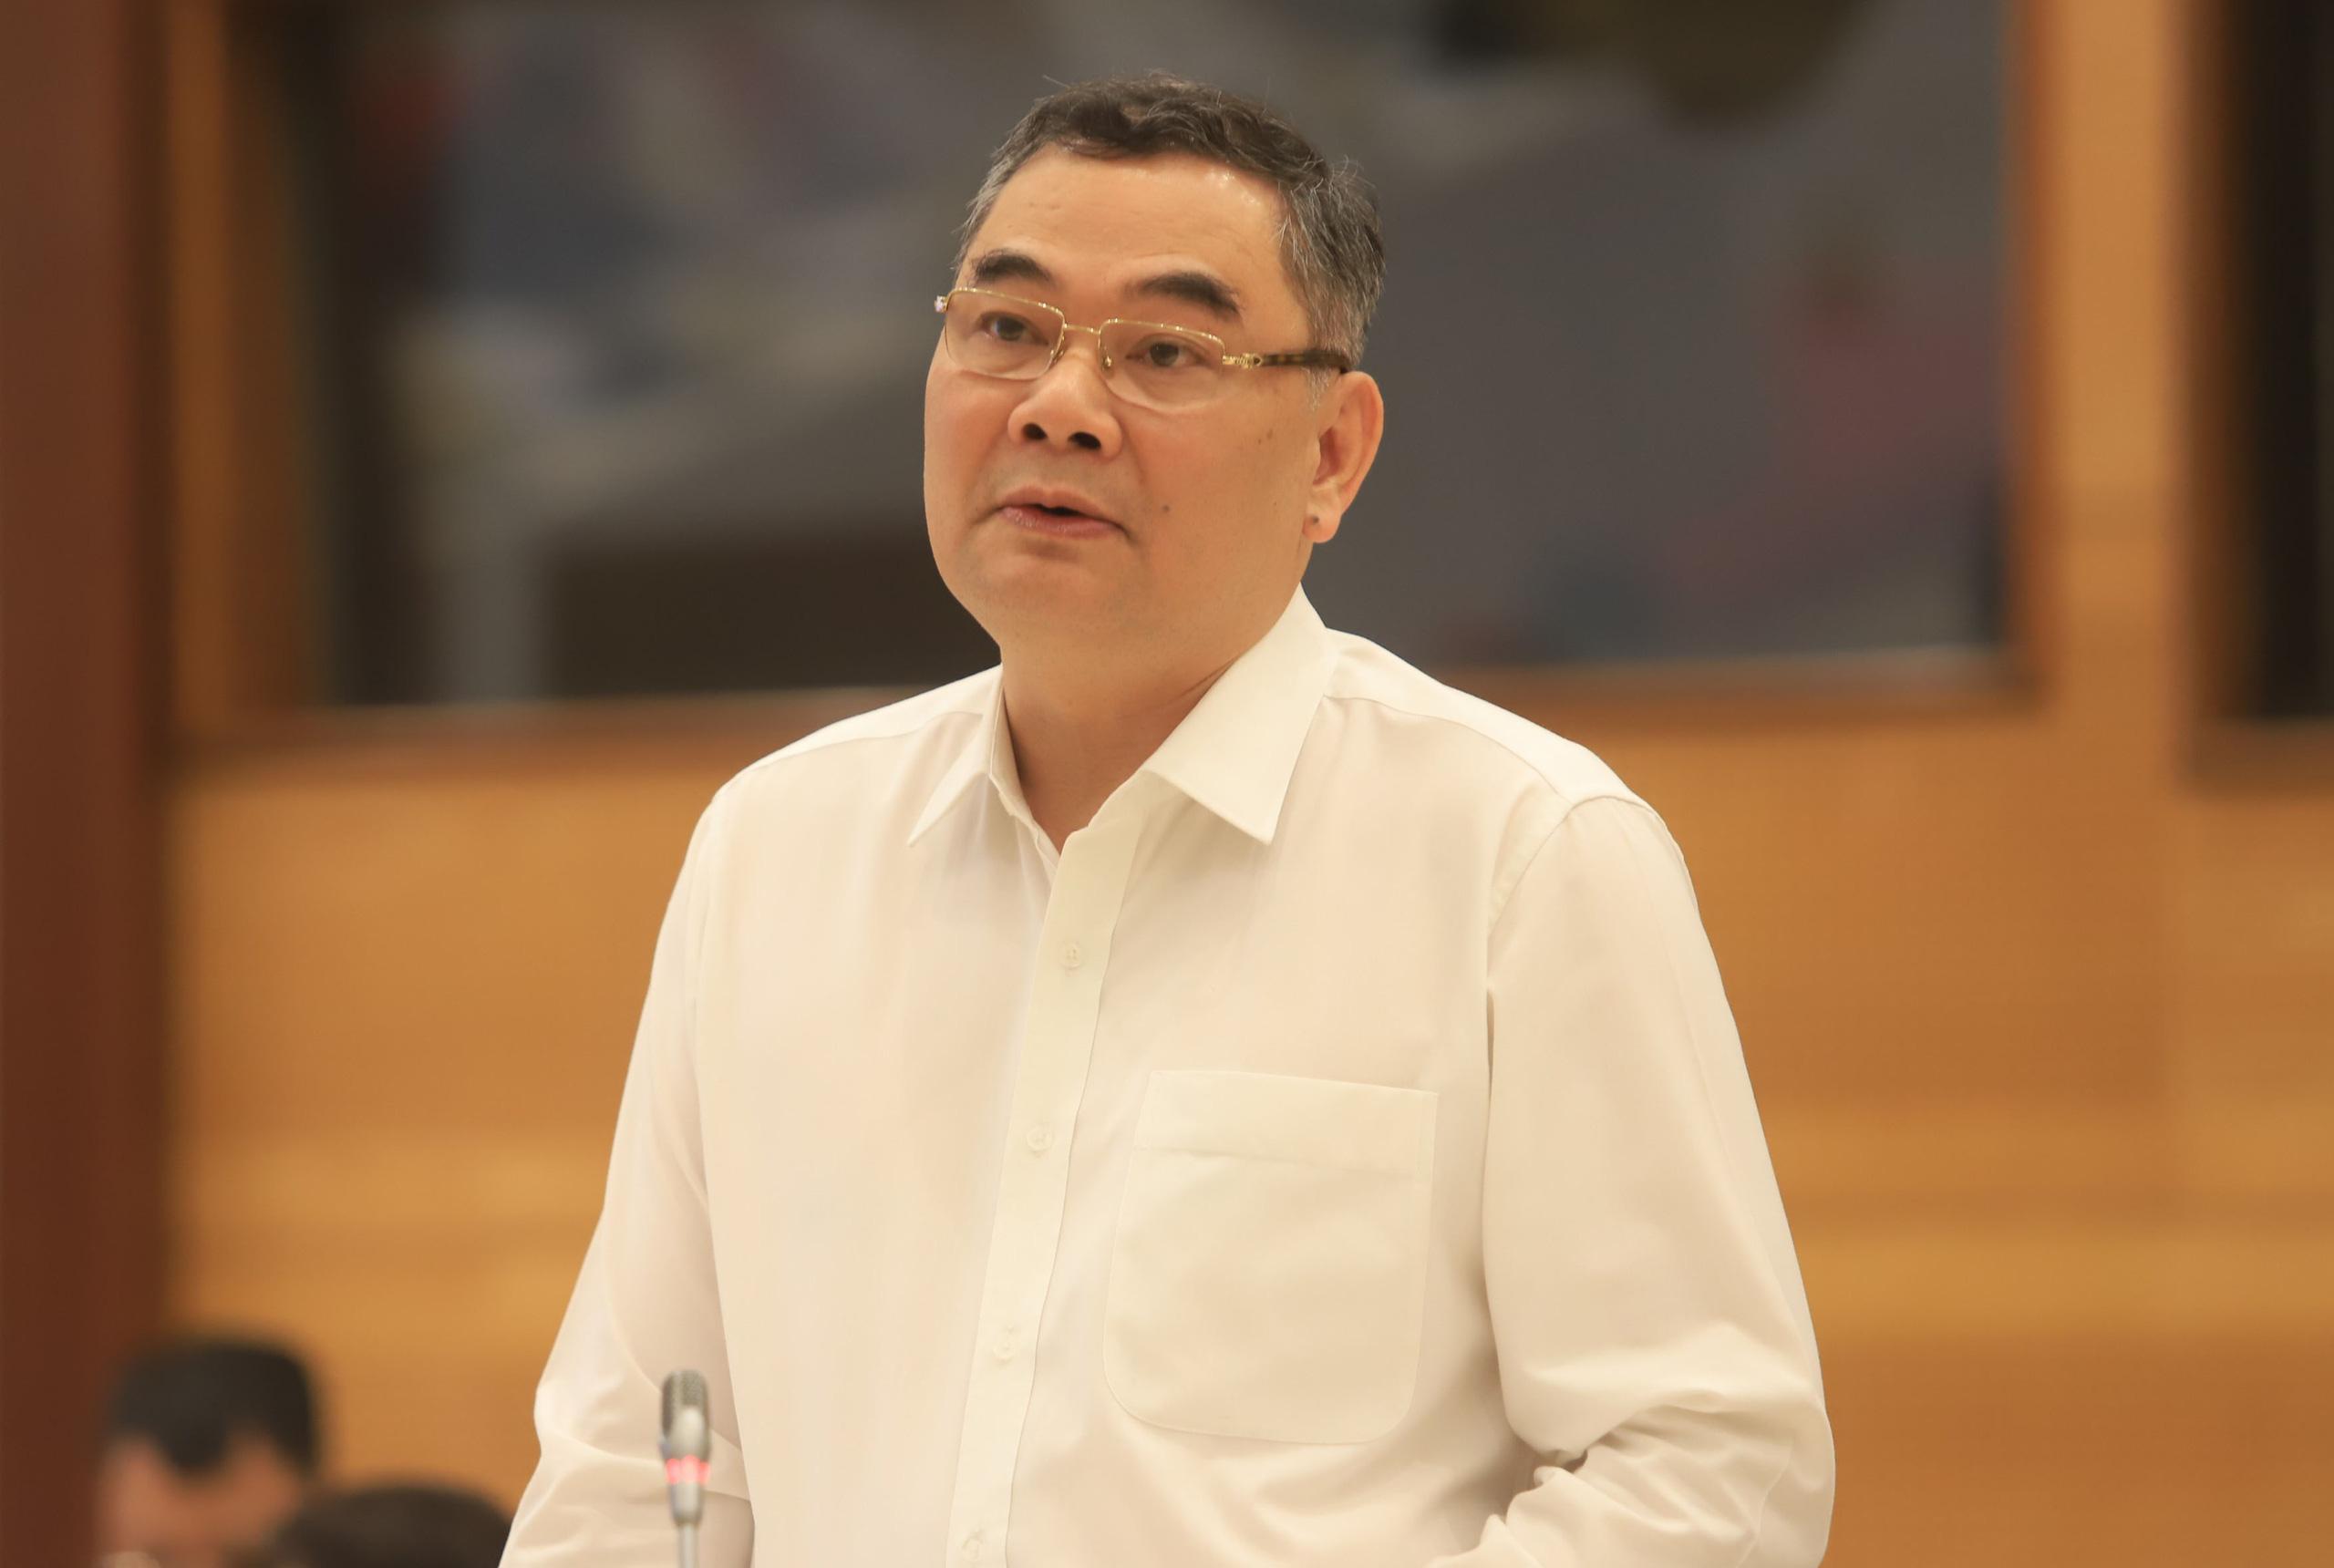 Tướng Công an nói về số vụ khởi tố việc đưa người Trung Quốc nhập cảnh trái phép - Ảnh 1.